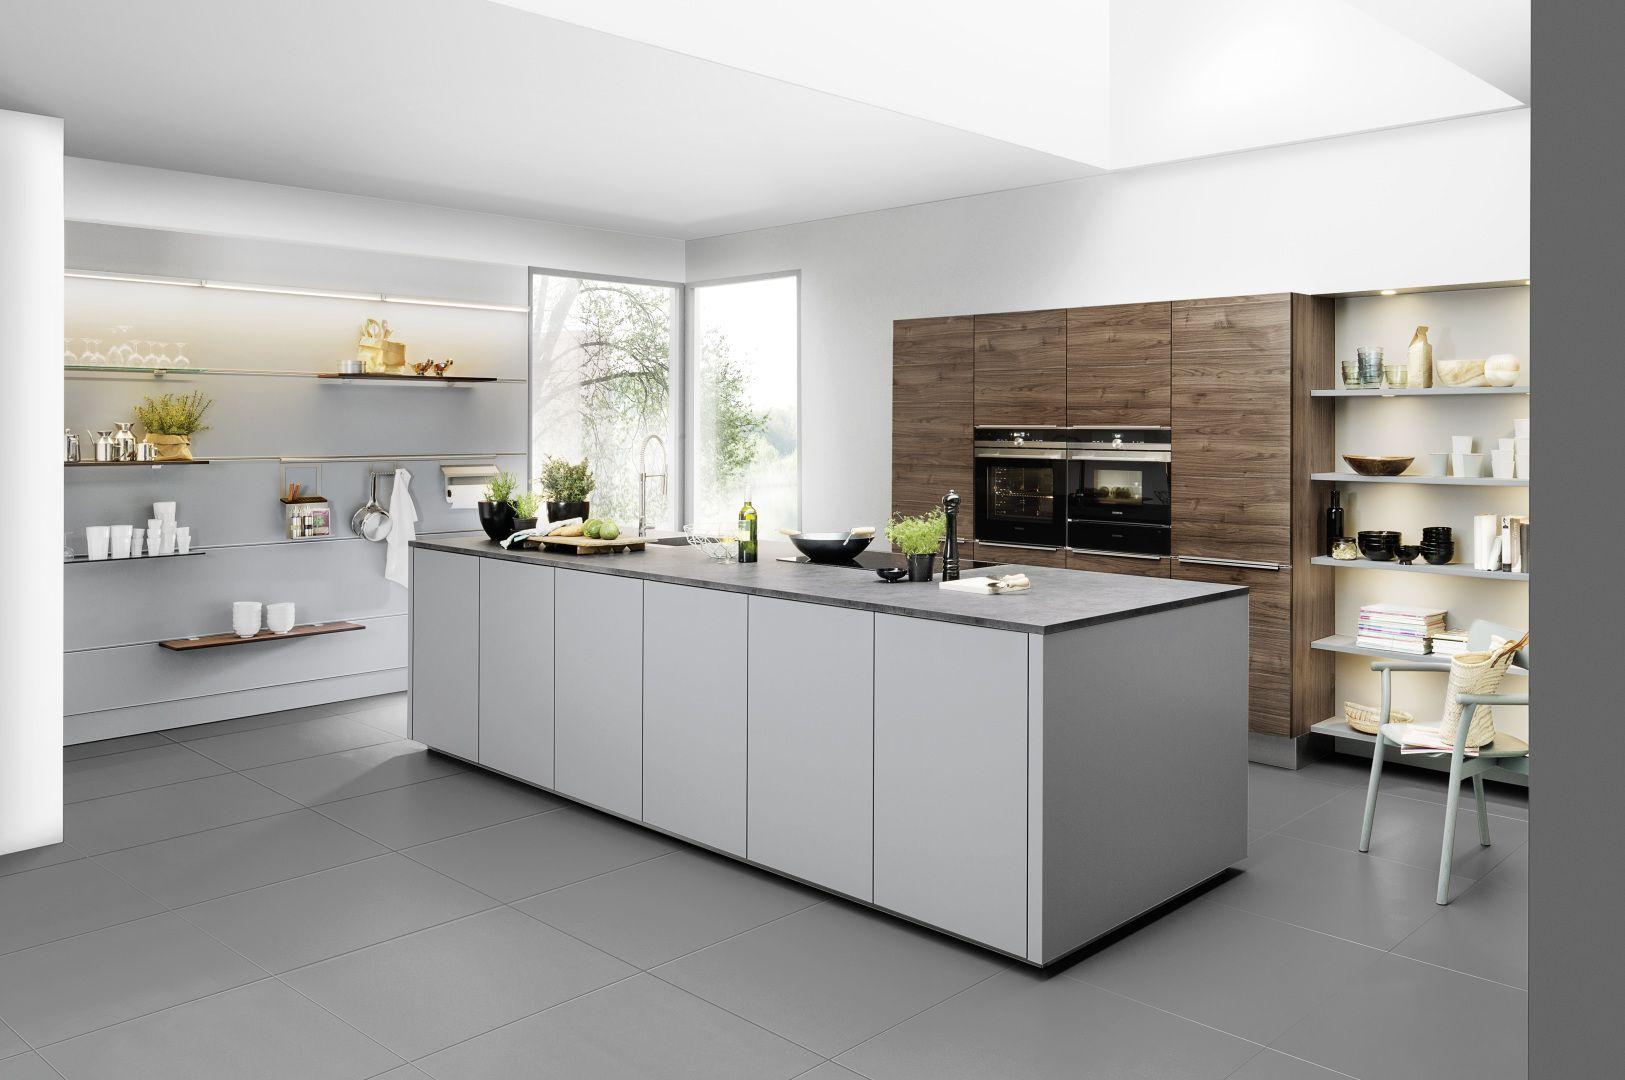 Nolte Keukens Rotterdam : Pin by nolte keukens rotterdam on modellen